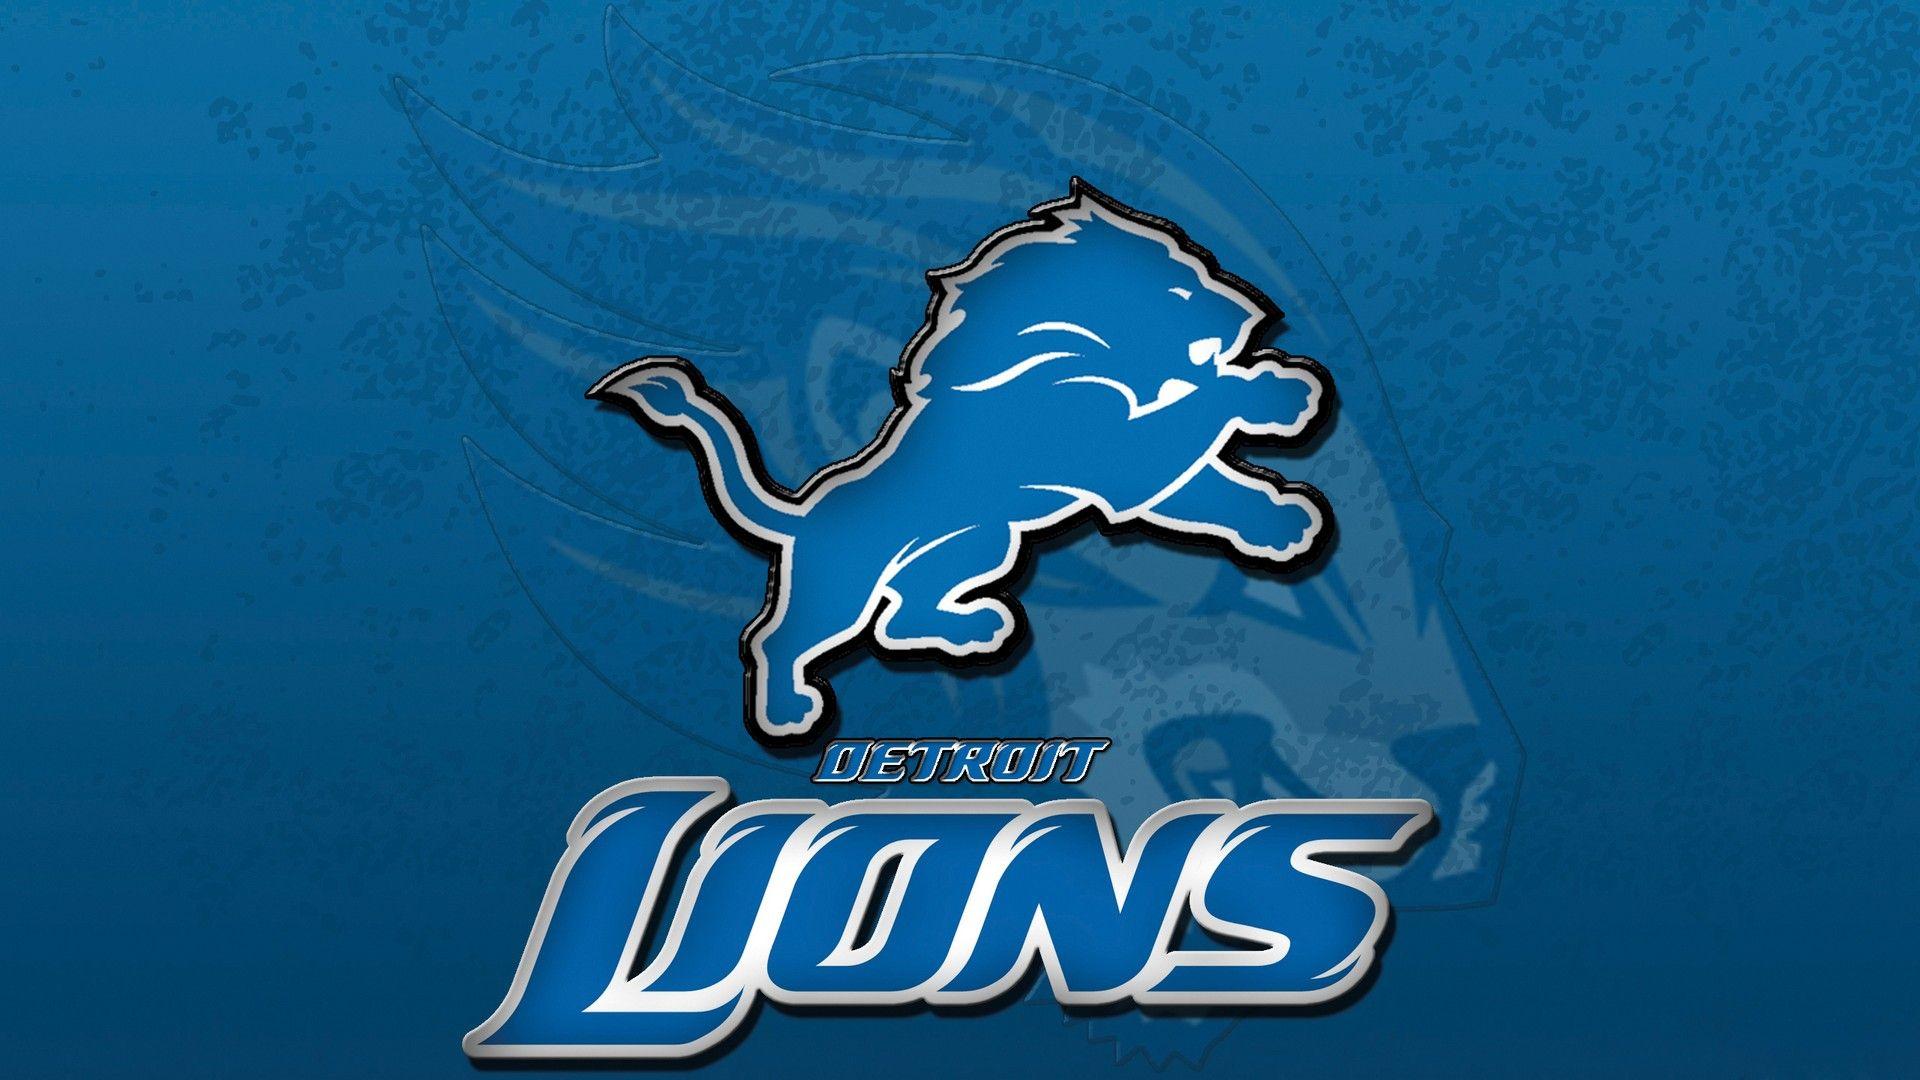 Detroit Lions Backgrounds HD (With images) Detroit lions